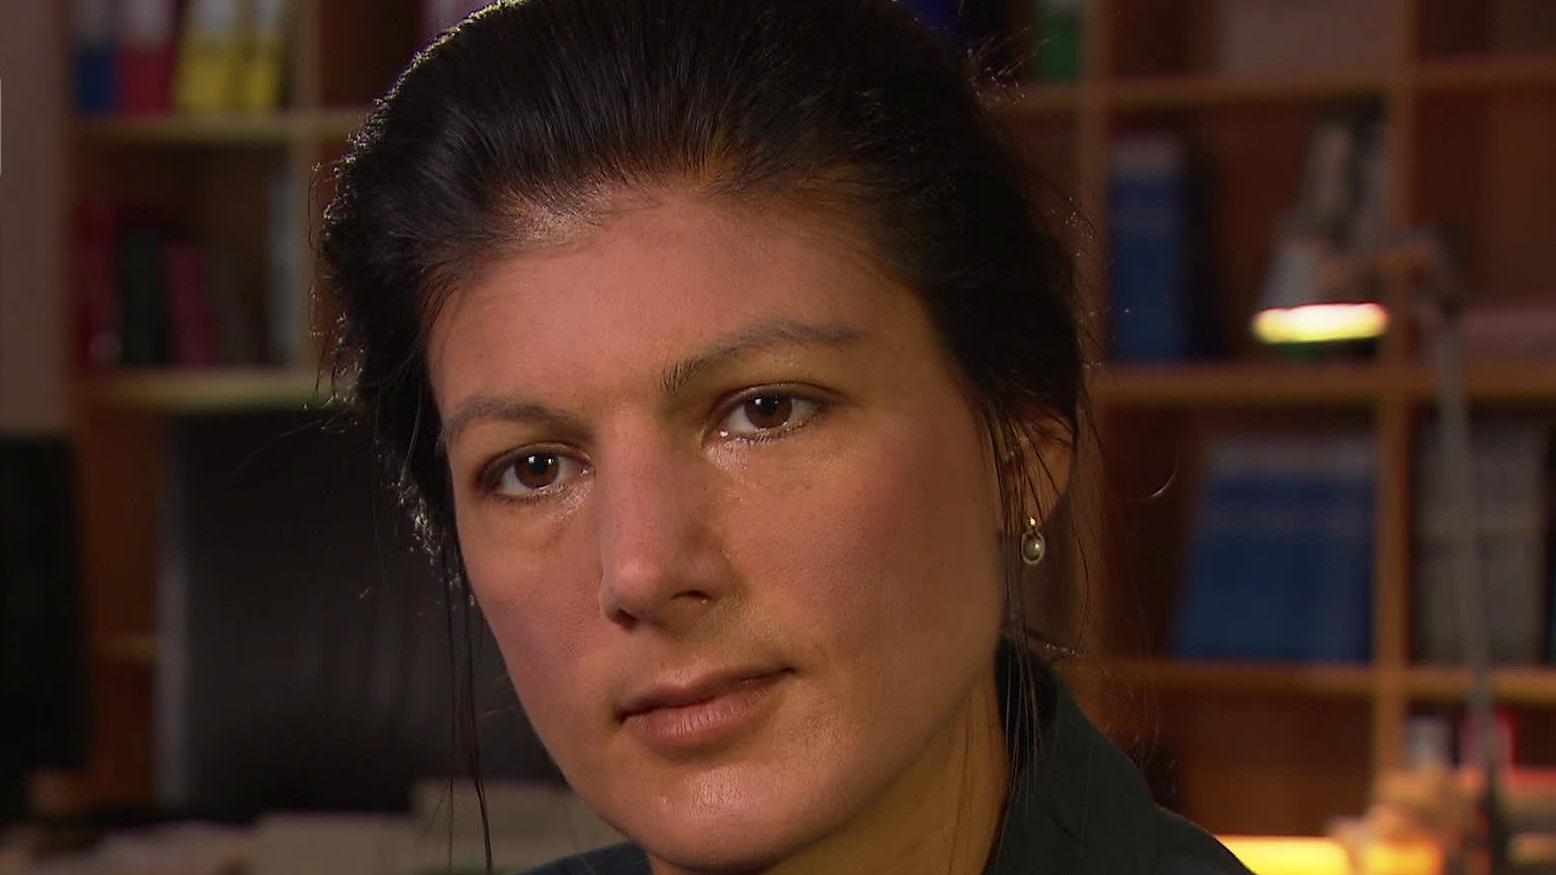 Co-Fraktionsvorsitzende Sahra Wagenknecht (DIE LINKE), 2015.